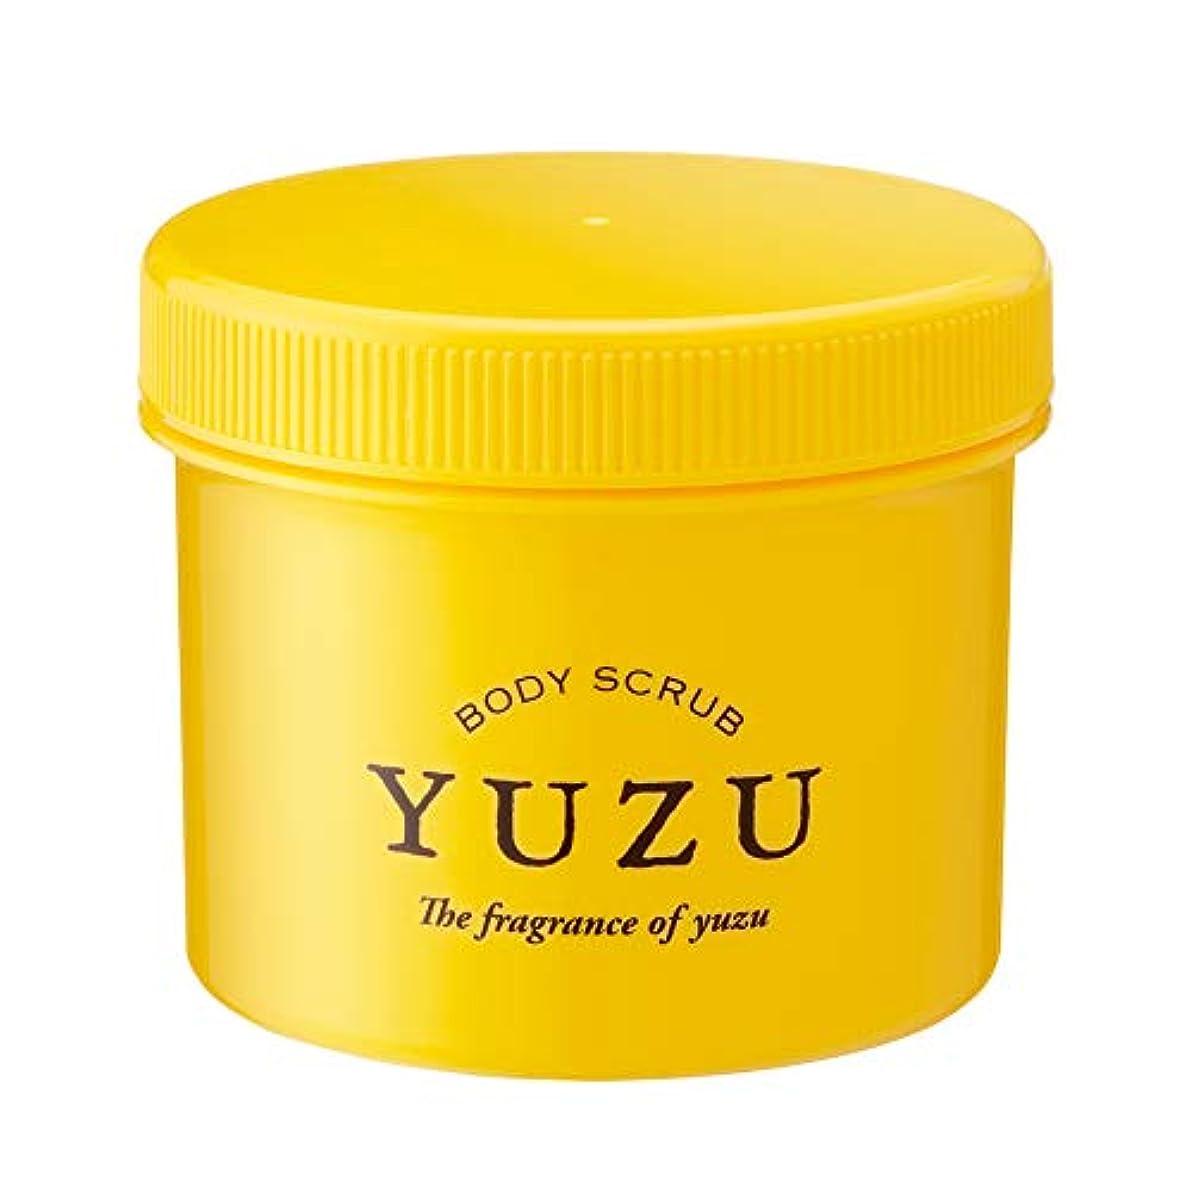 雨の海峡ひもファイアル(美健)ビケン YUZU ボディマッサージスクラブ 高知県ゆず精油のみで香り付け